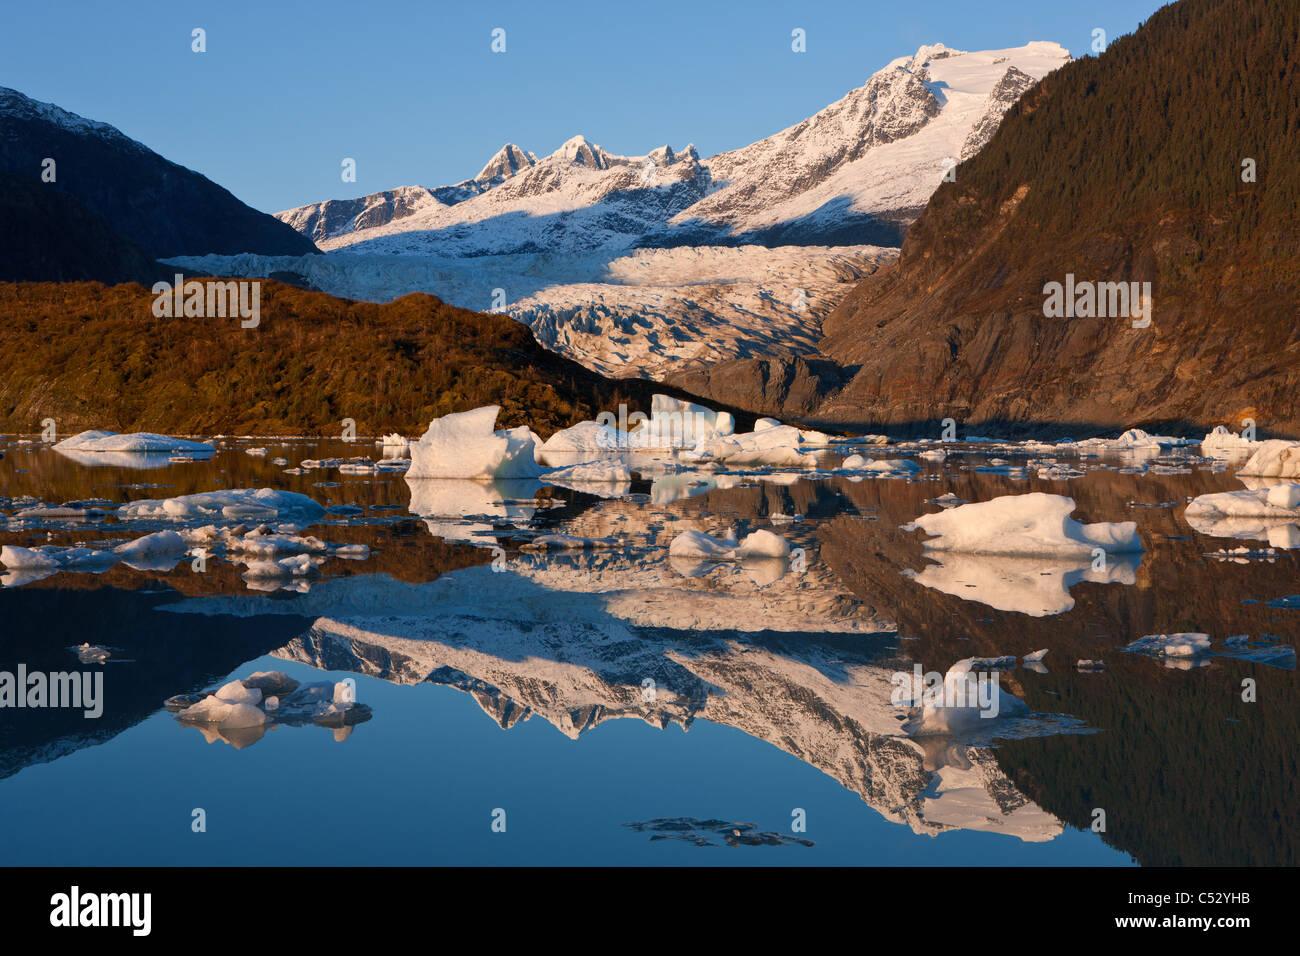 Les icebergs flottent sur la surface de Mendenhall Lake près de Juneau, la Forêt Nationale Tongass, sud Photo Stock